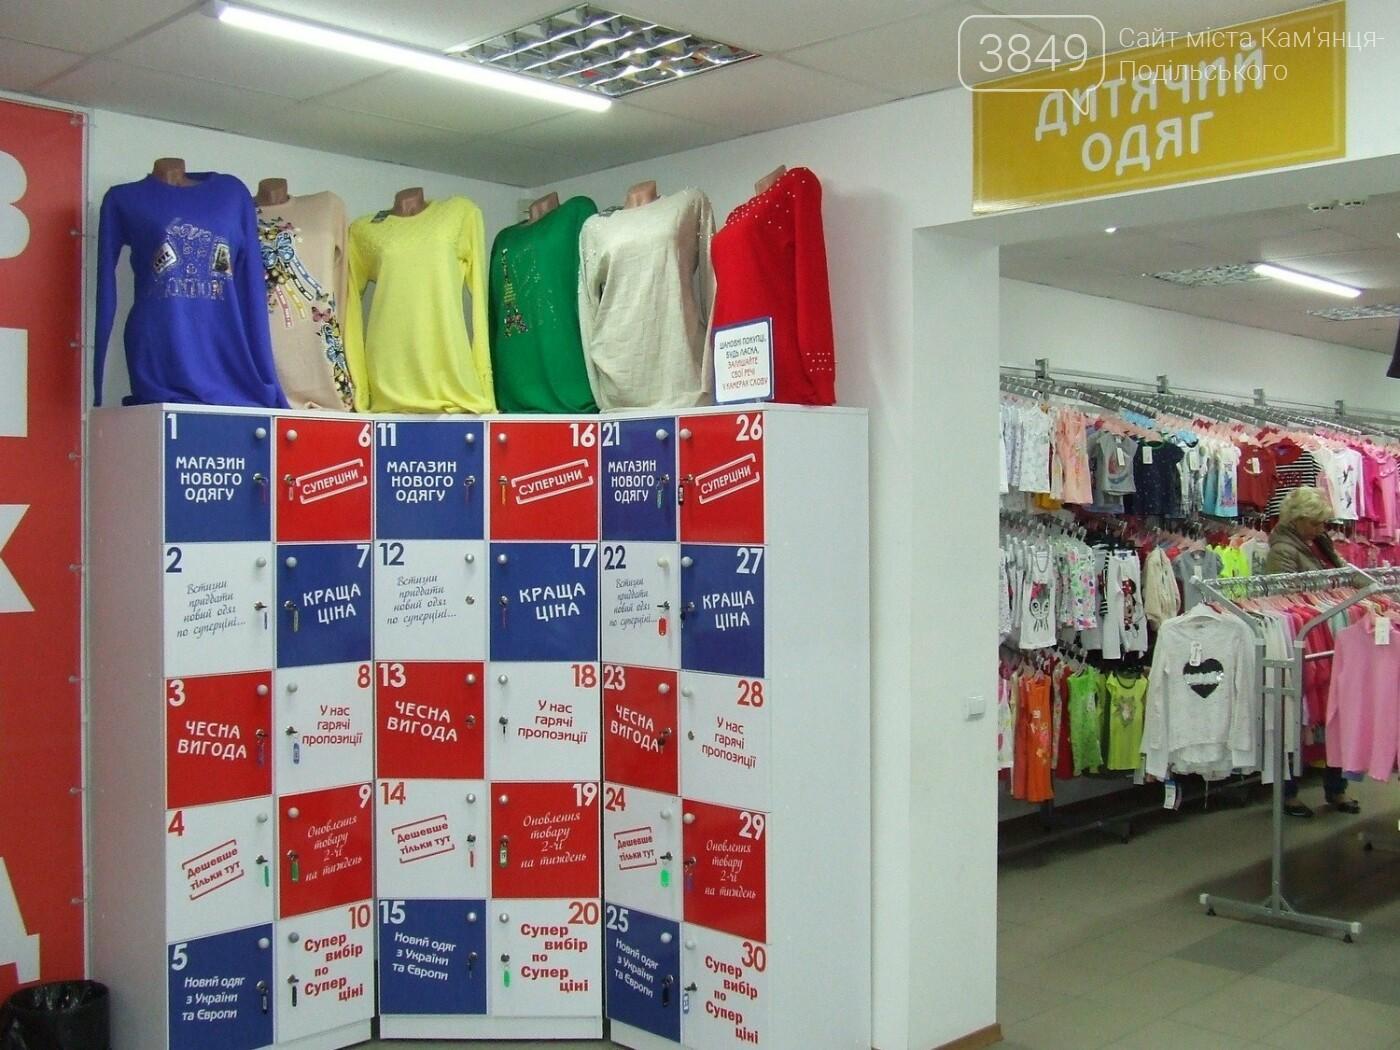 """Одяг для усієї родини у новому магазині """"SUPERЦІНА"""" у Кам'янці-Подільському, фото-8"""